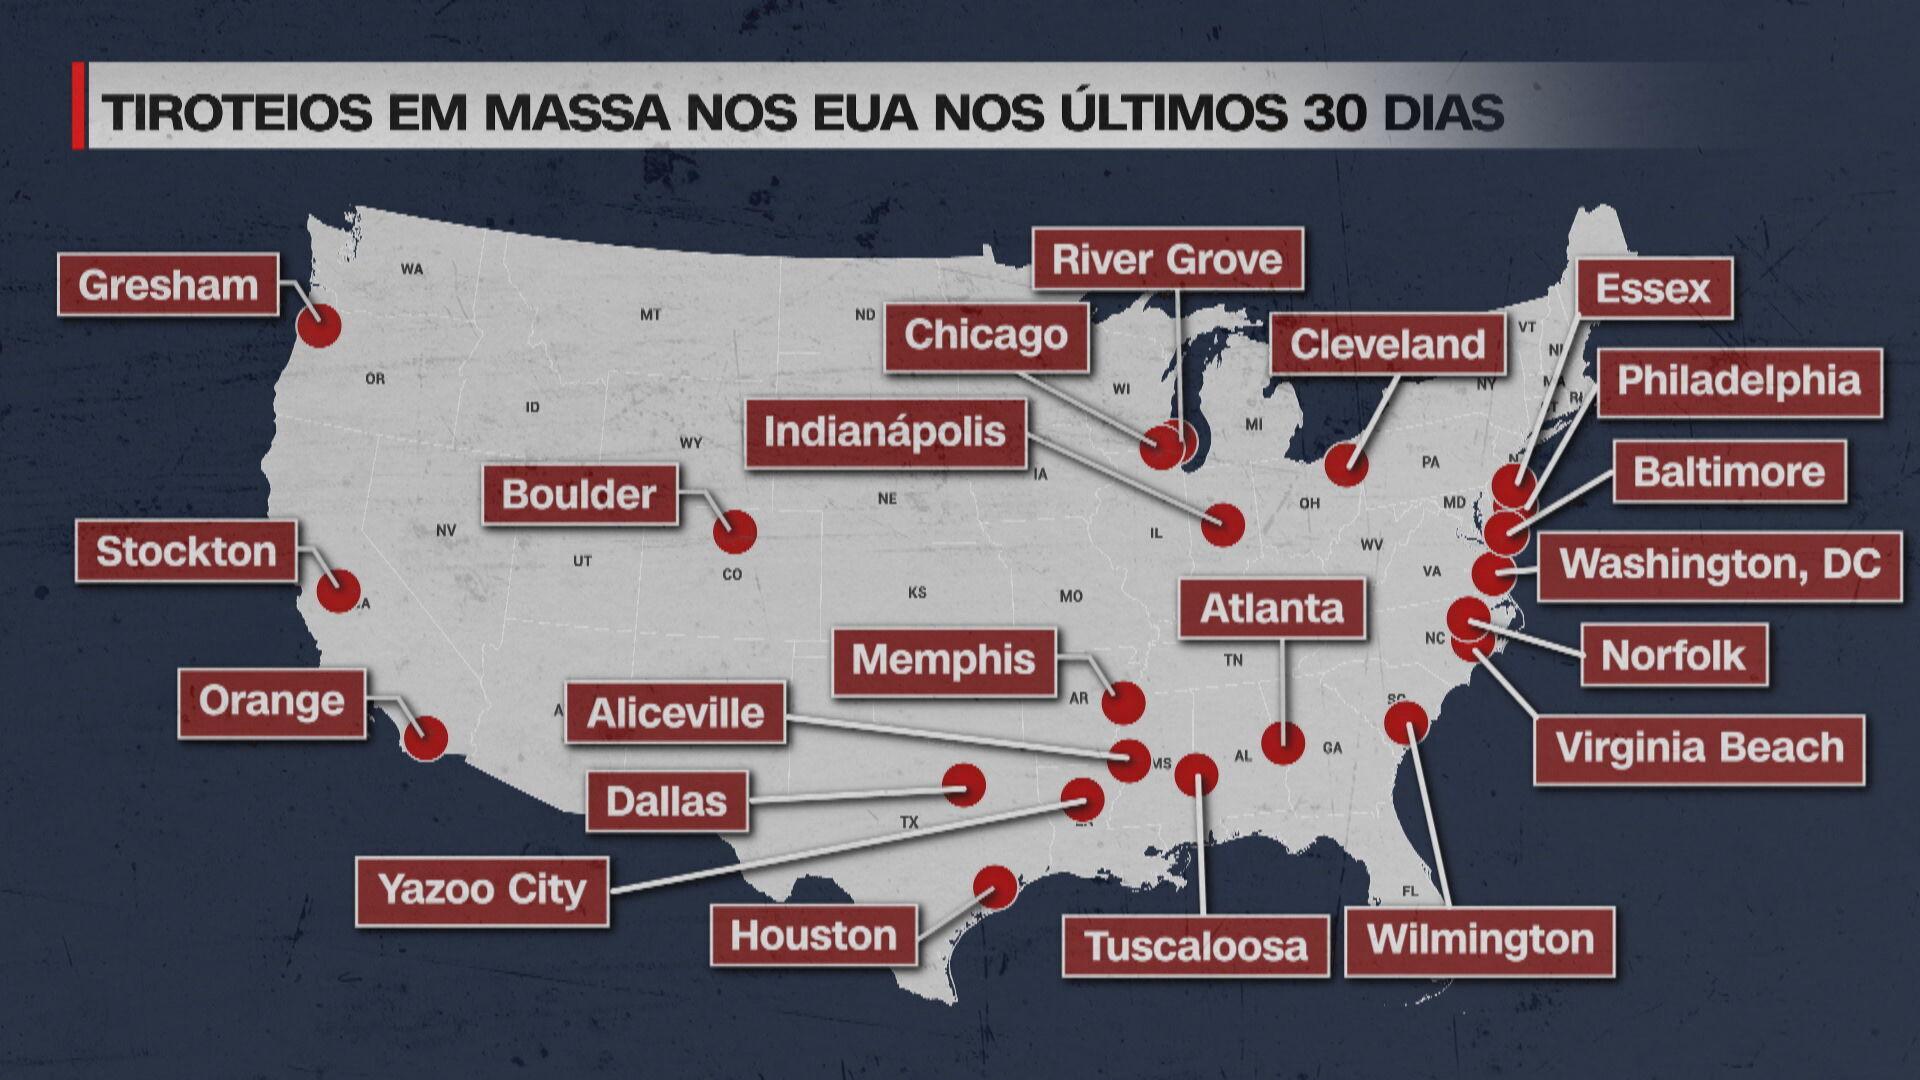 Mapa com o tiroteios em massa nos EUA nos últimos 30 dias